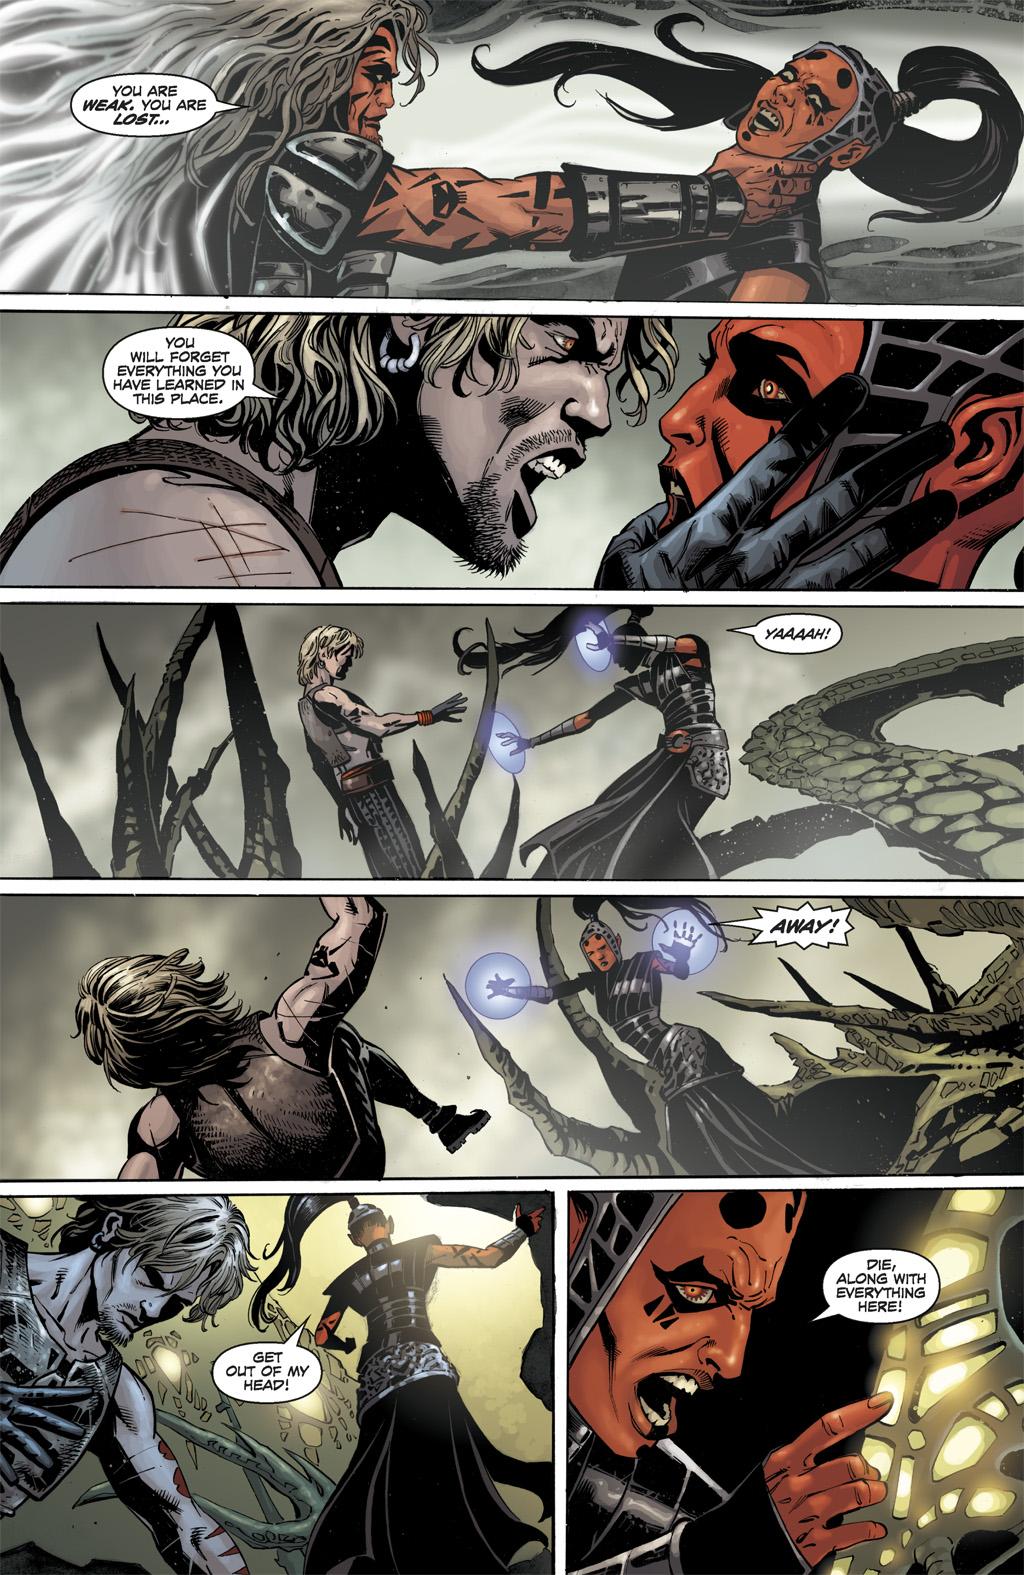 Cade Skywalker VS Darth Maladi